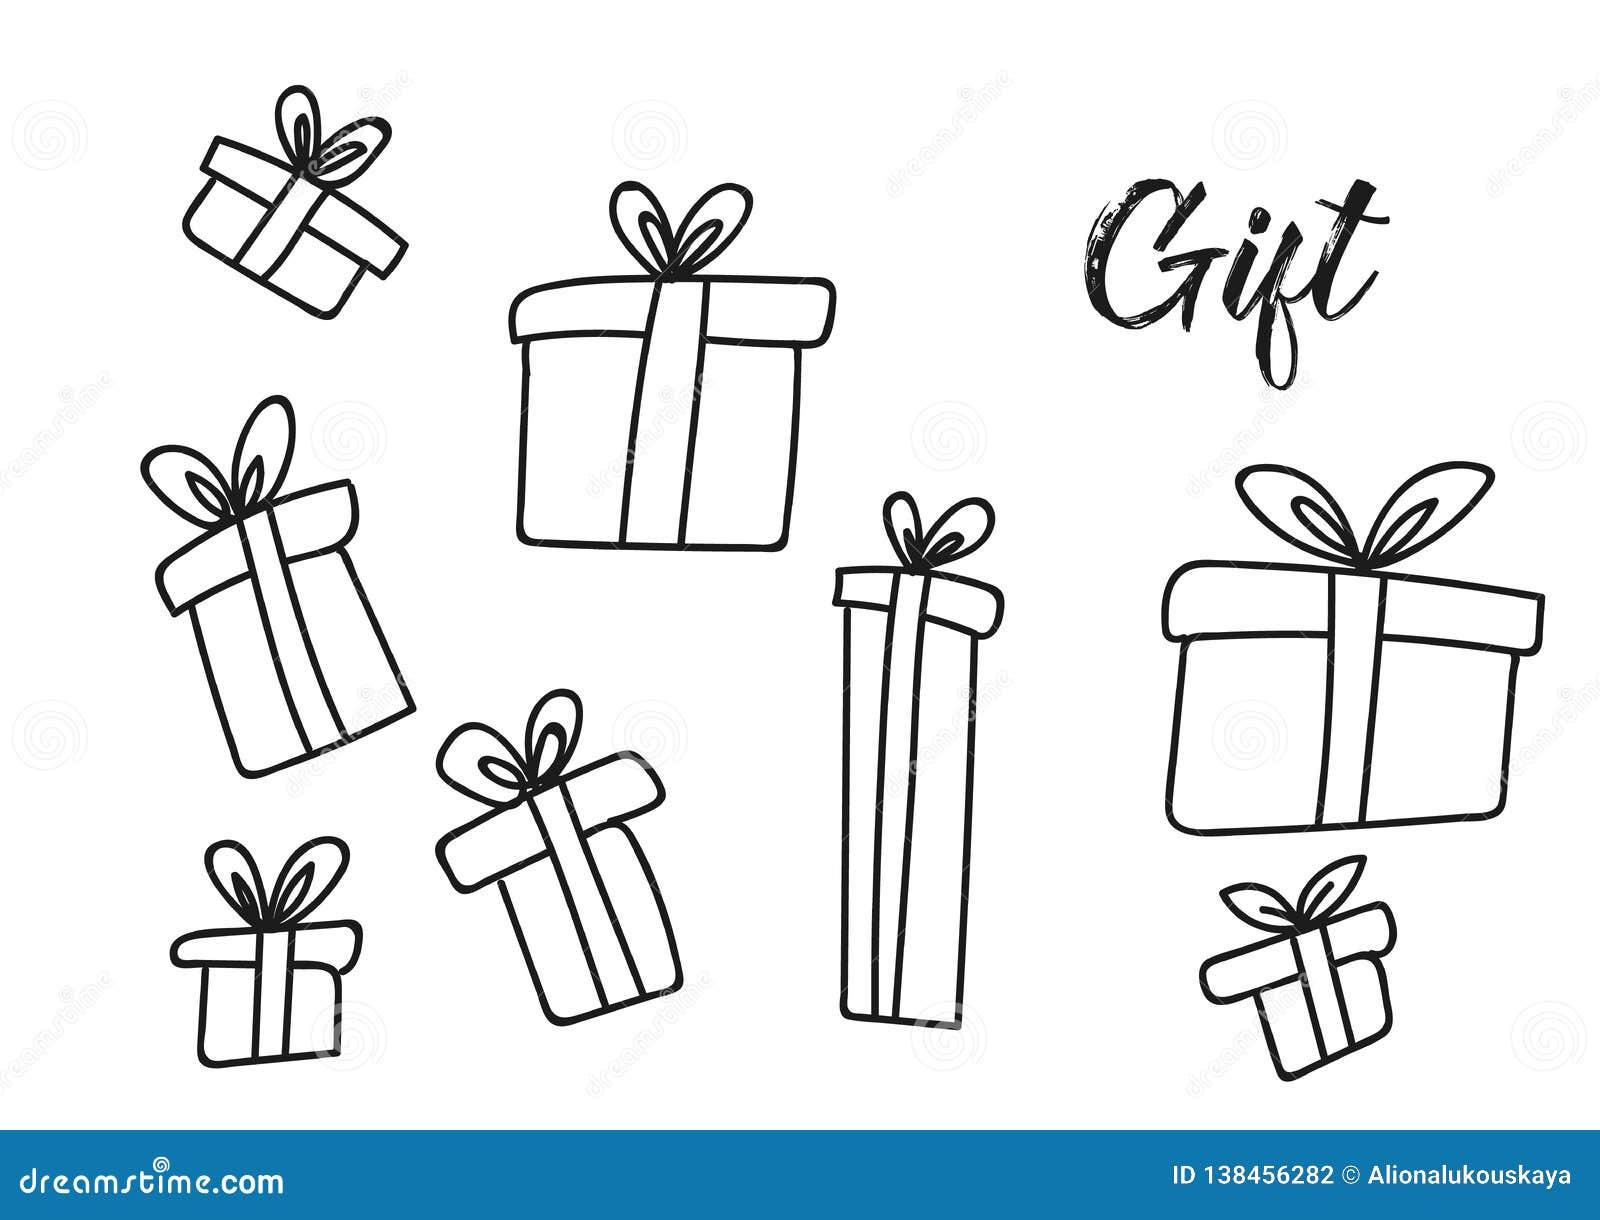 Outline Christmas Gift Box Hand Drawn Set Stock Vector ...